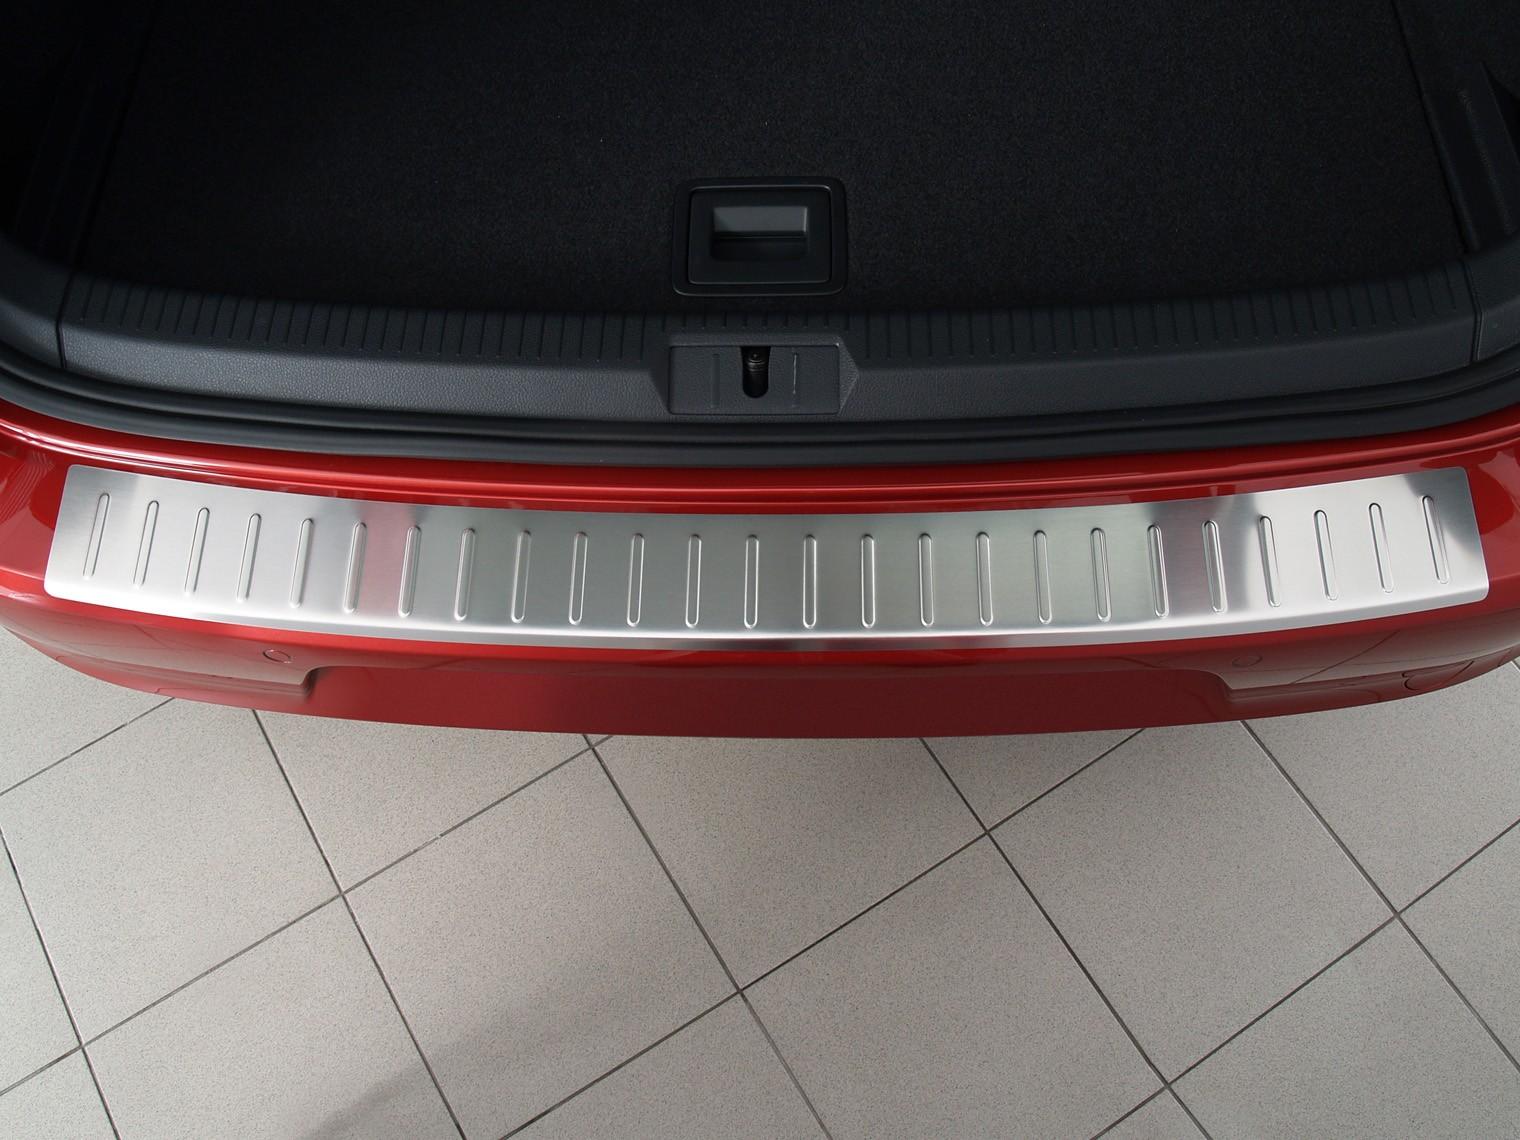 Volkswagen GOLF VII 5d hatchback 2012-